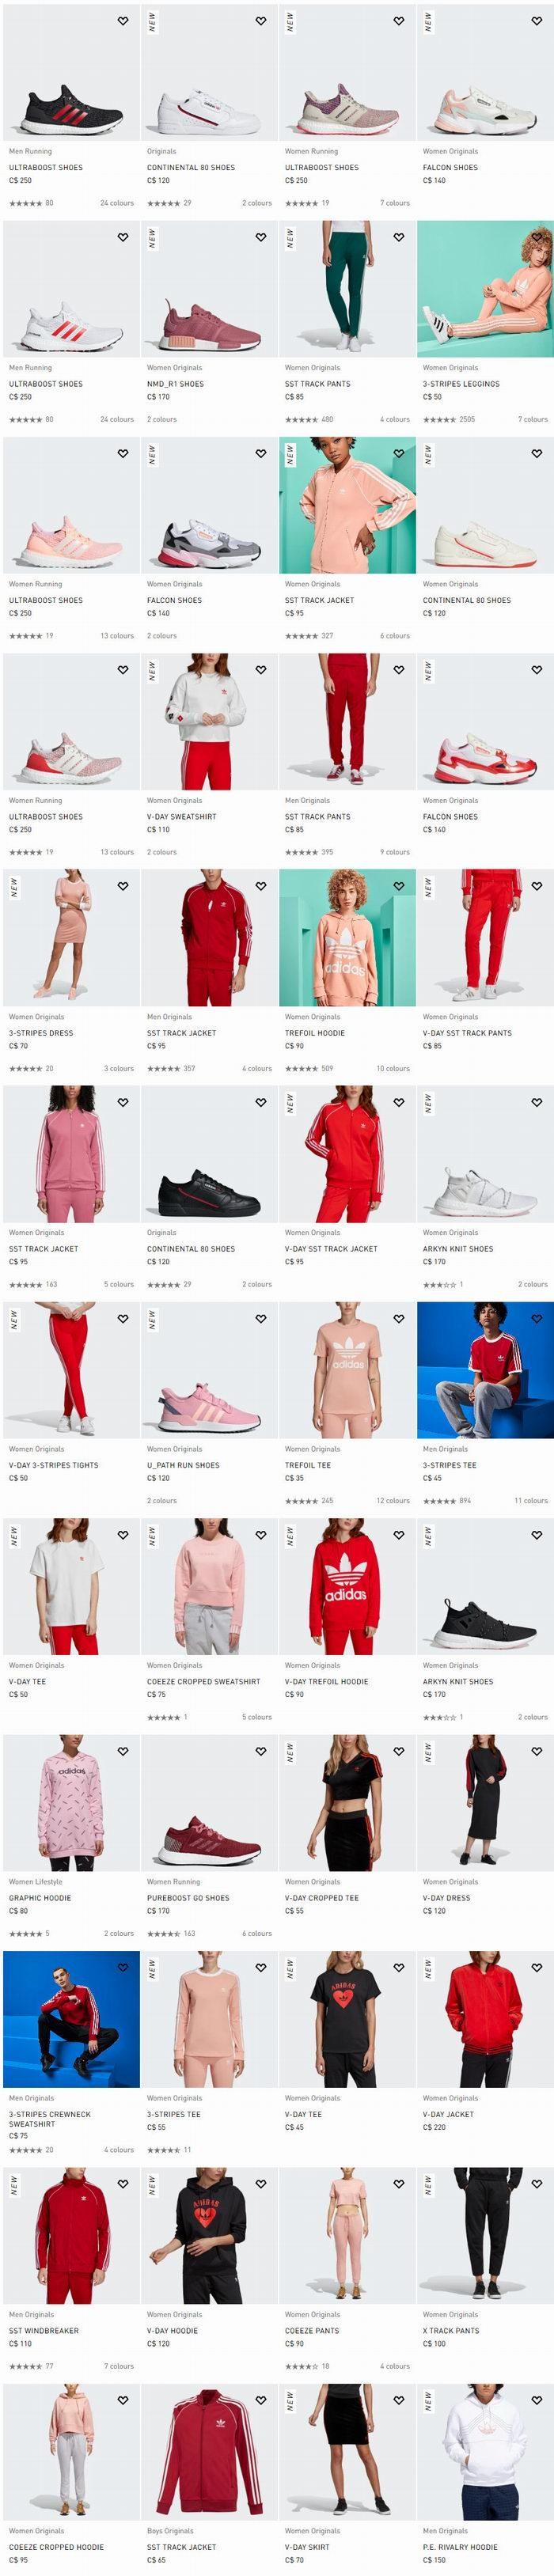 为你见证爱的每一步,Adidas 2019情人节特别款 9折优惠!